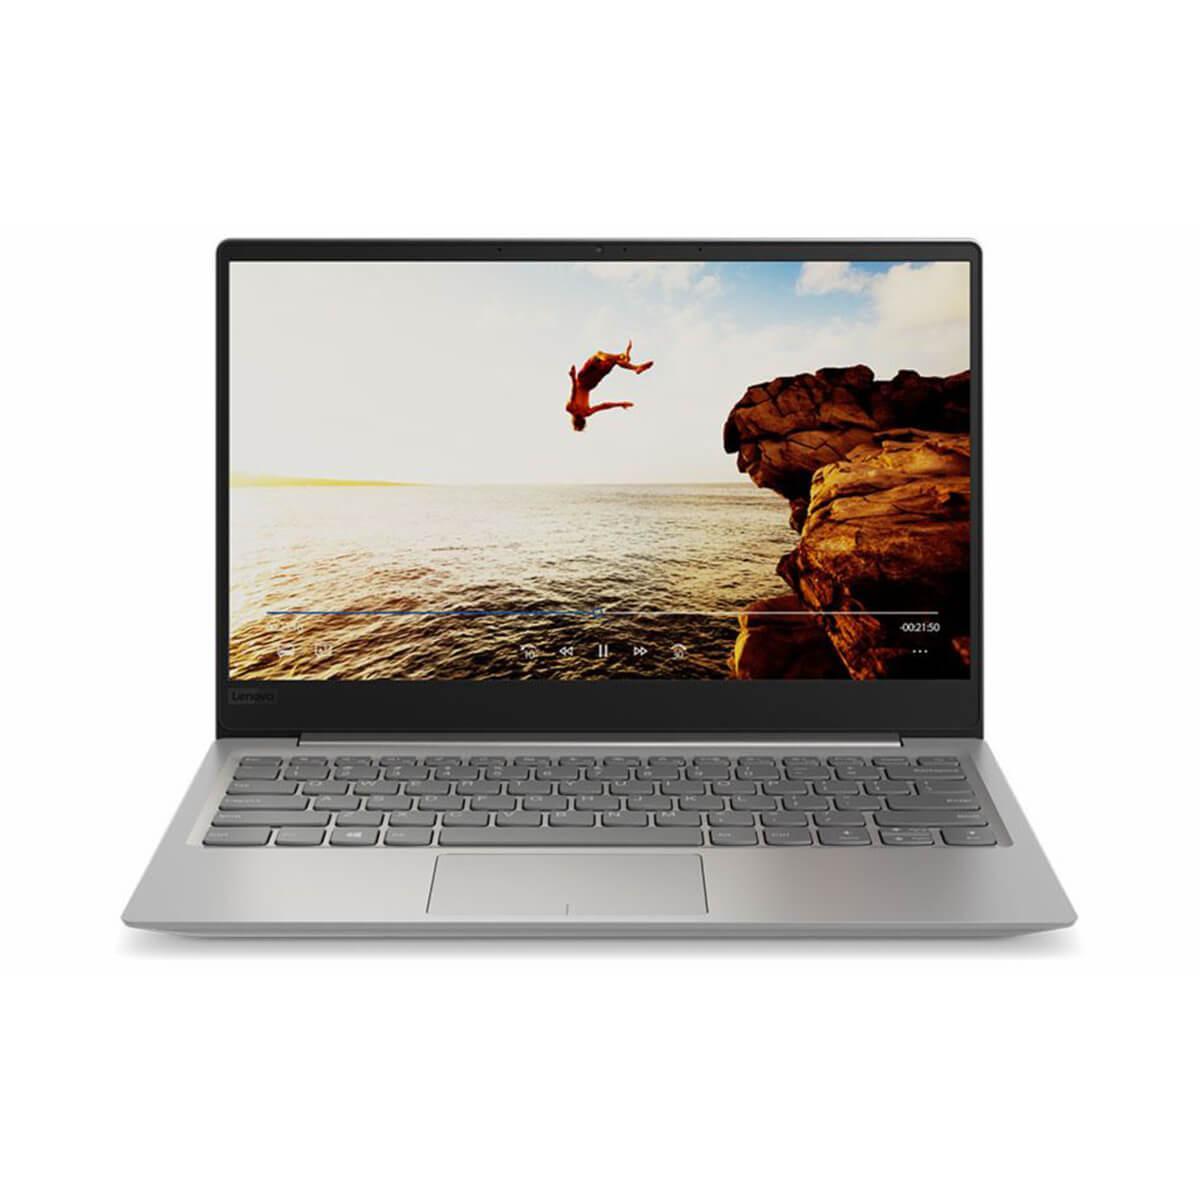 Lenovo Ideapad 320S-13 (81AK00D3SB)(Intel 8th Gen Core i5-8250U, 8GB, Intel UHD Graphics, 256GB SSD)